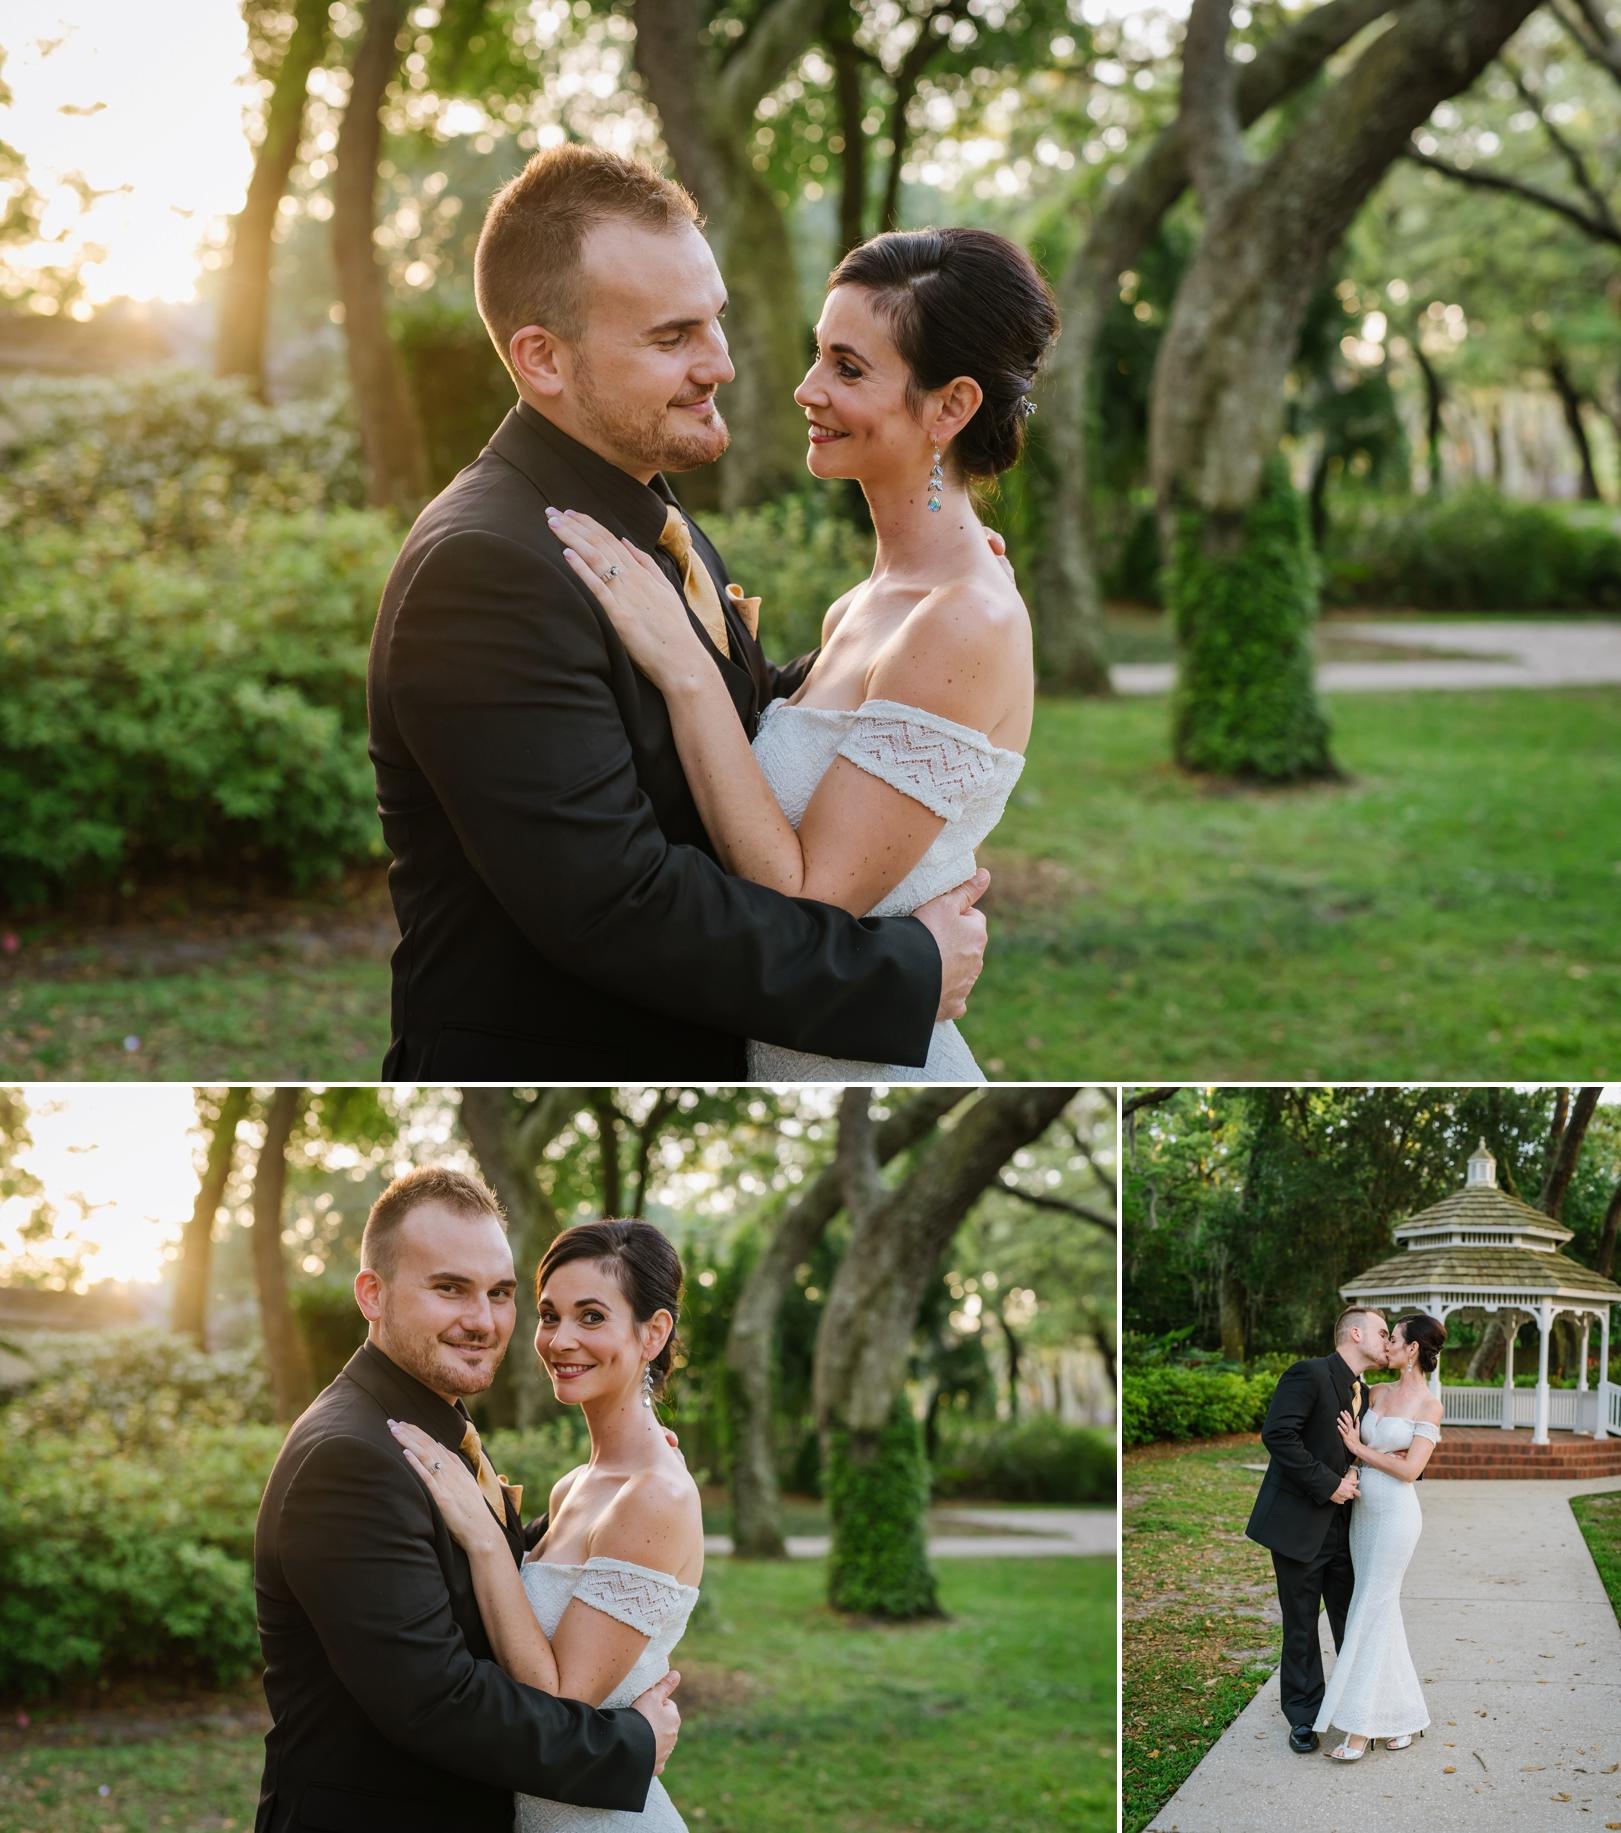 ashlee-hamon-photography-tampa-rustic-outdoor-traditional-wedding_0011.jpg